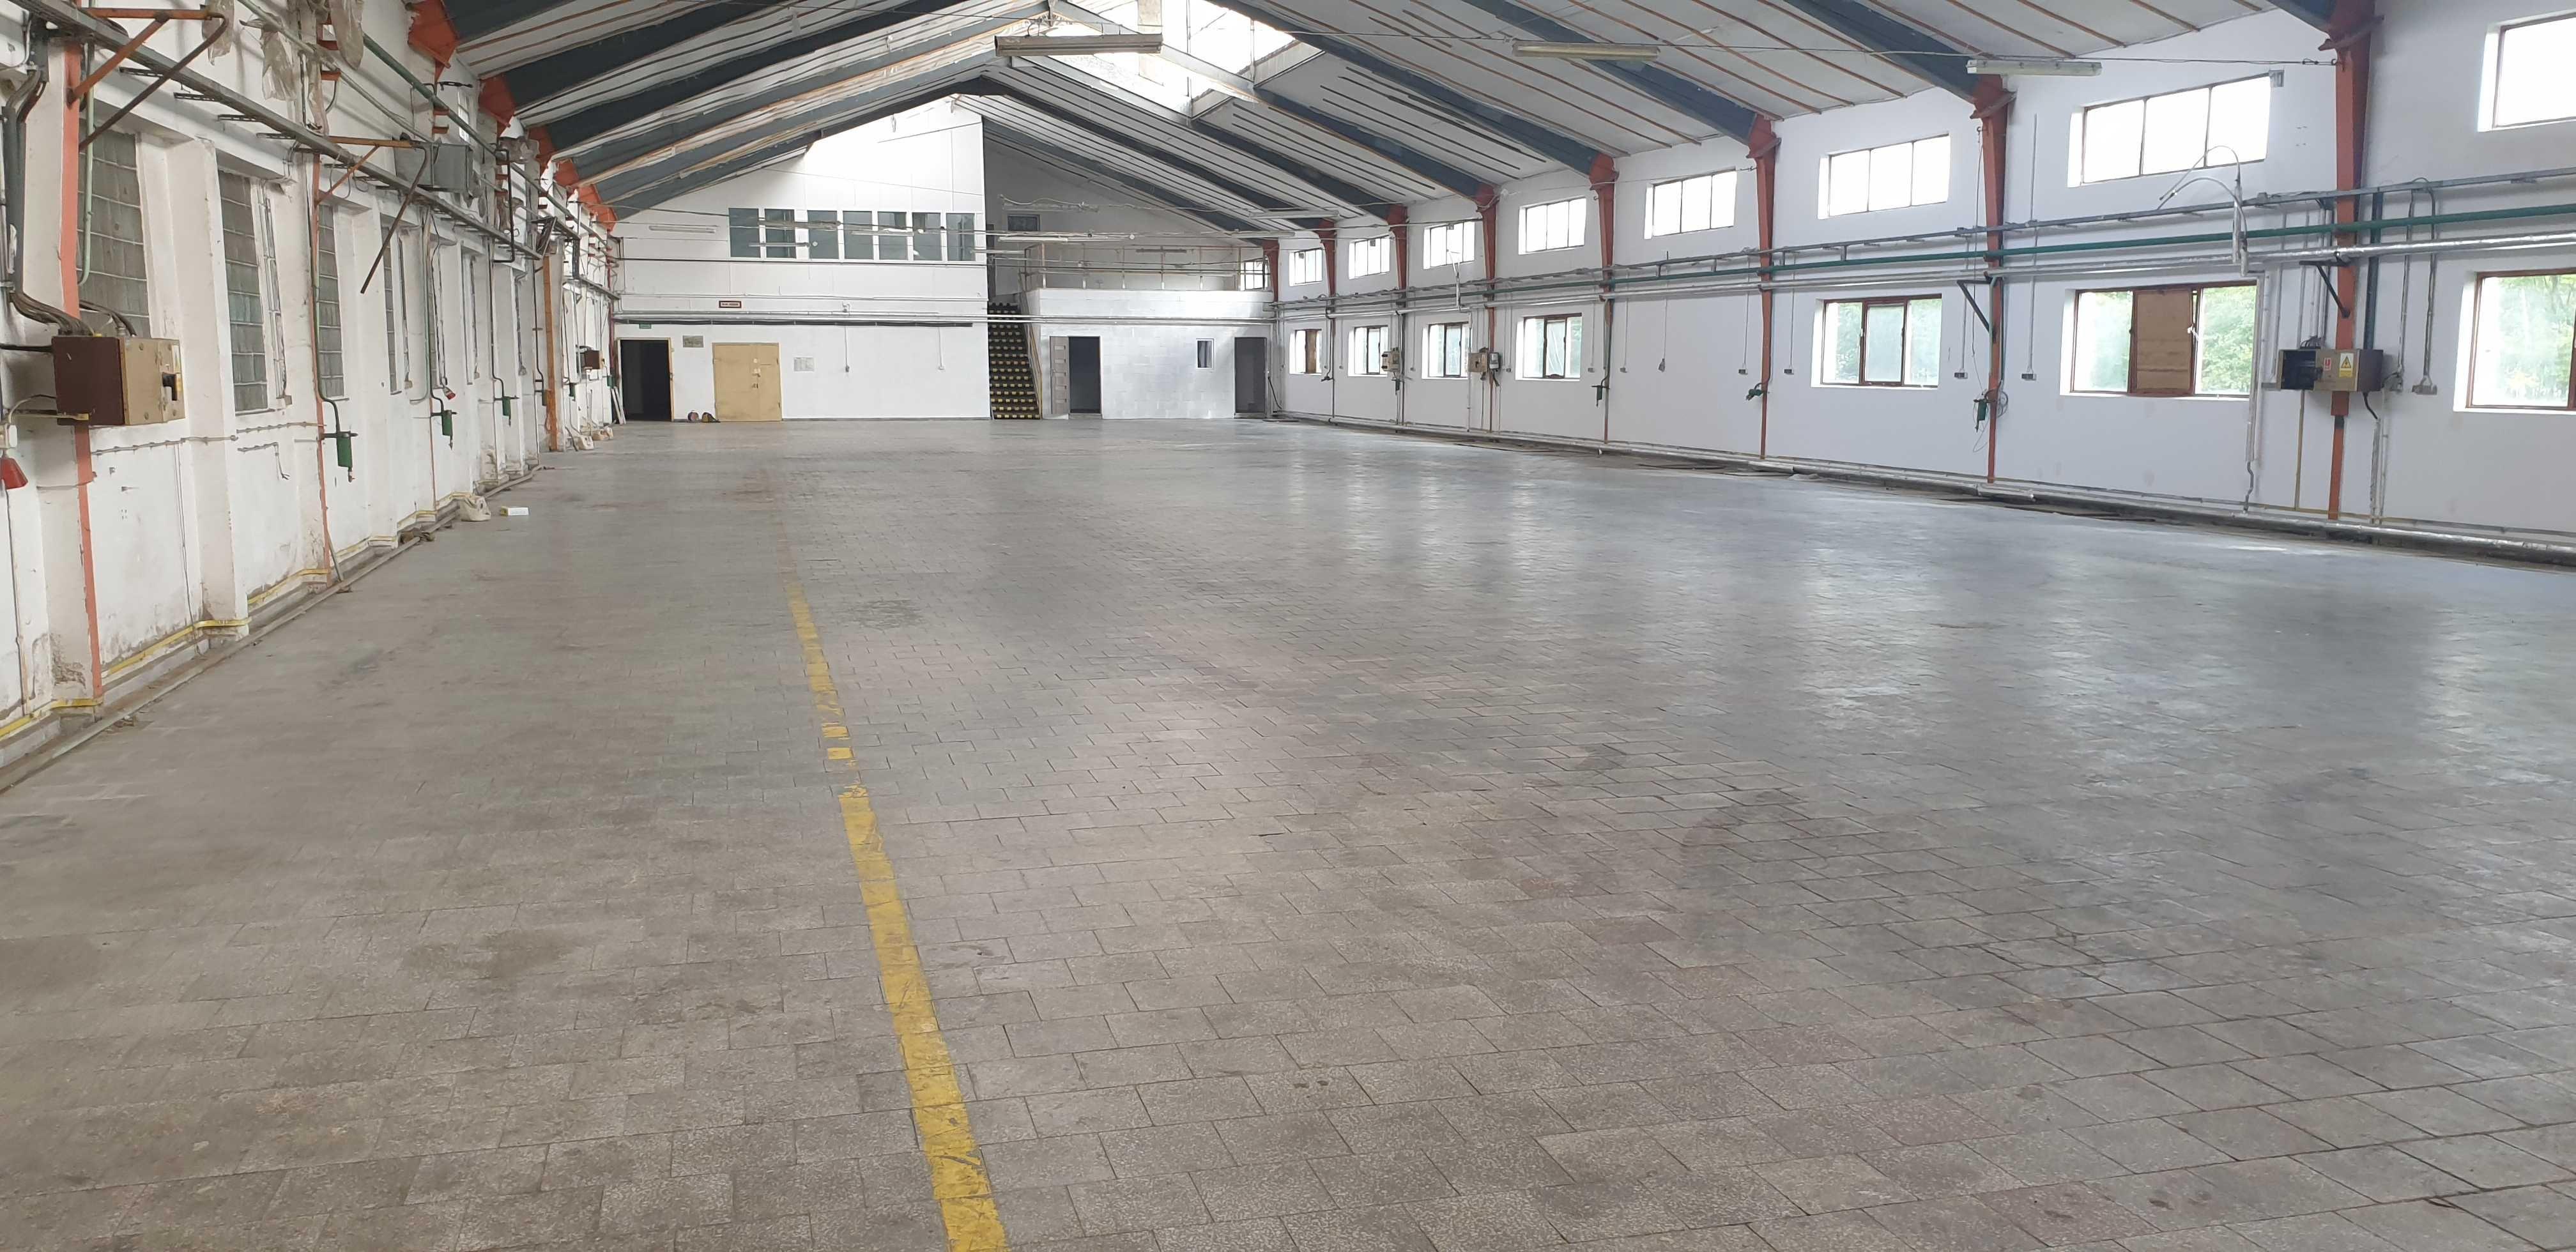 Wynajmę powierzchnię magazynową 1600 m2